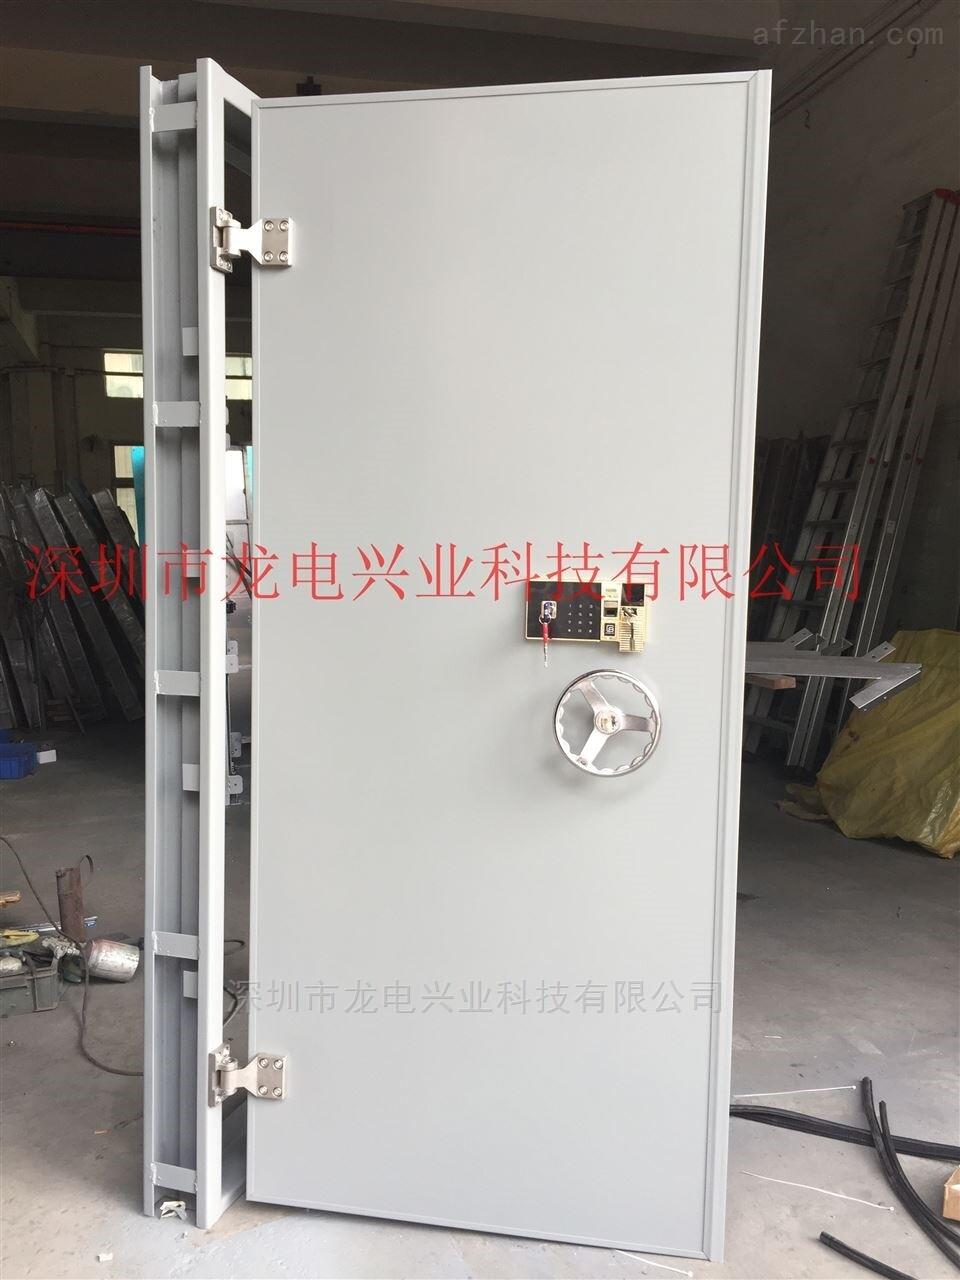 钢制 不锈钢防爆门批量生产 货期短价格实惠